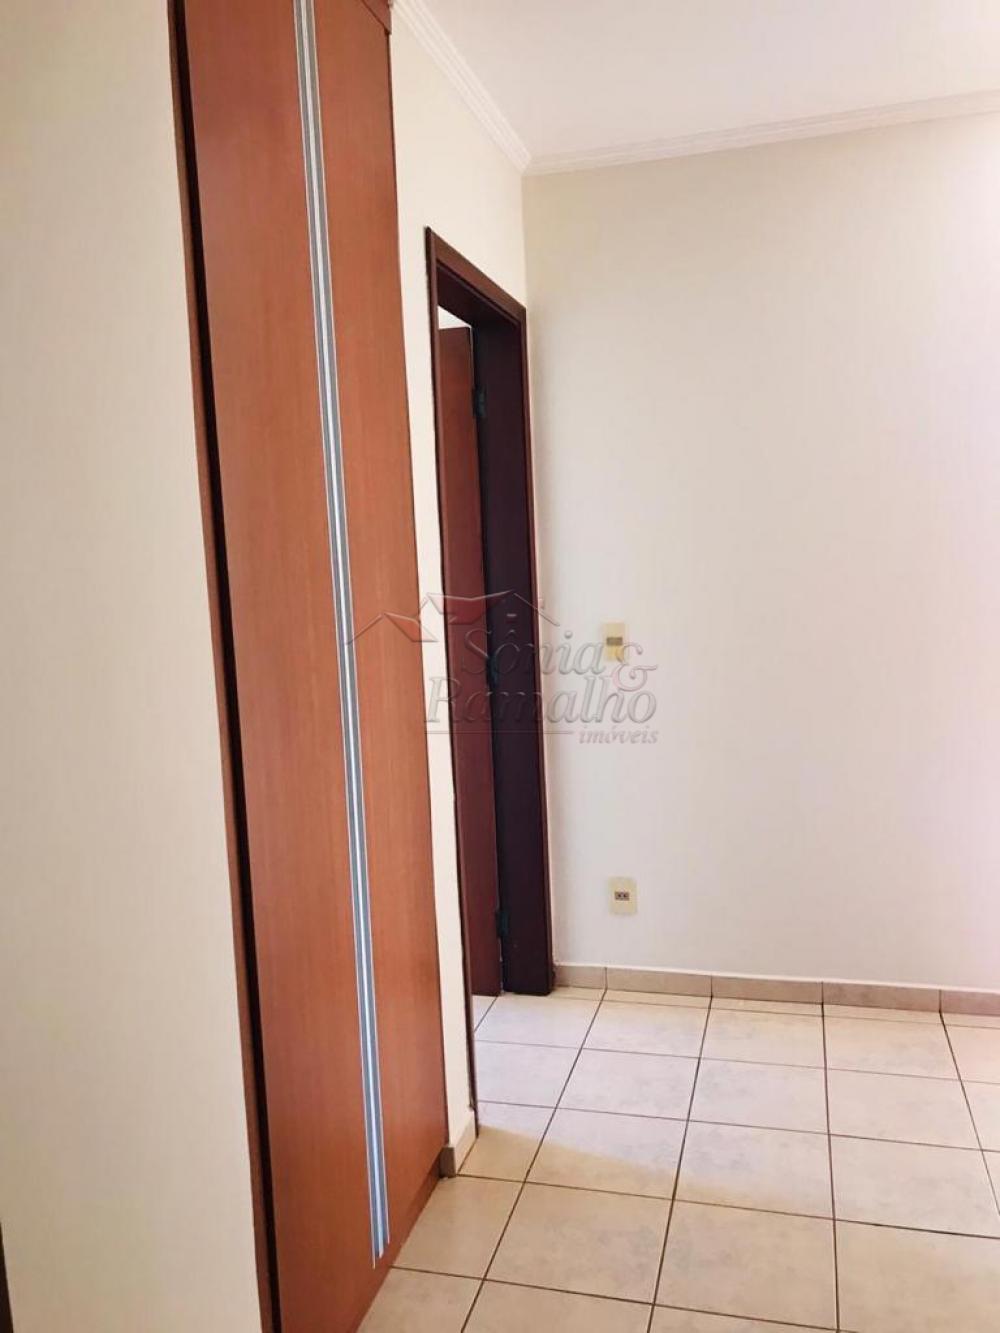 Comprar Apartamentos / Padrão em Ribeirão Preto R$ 460.000,00 - Foto 30